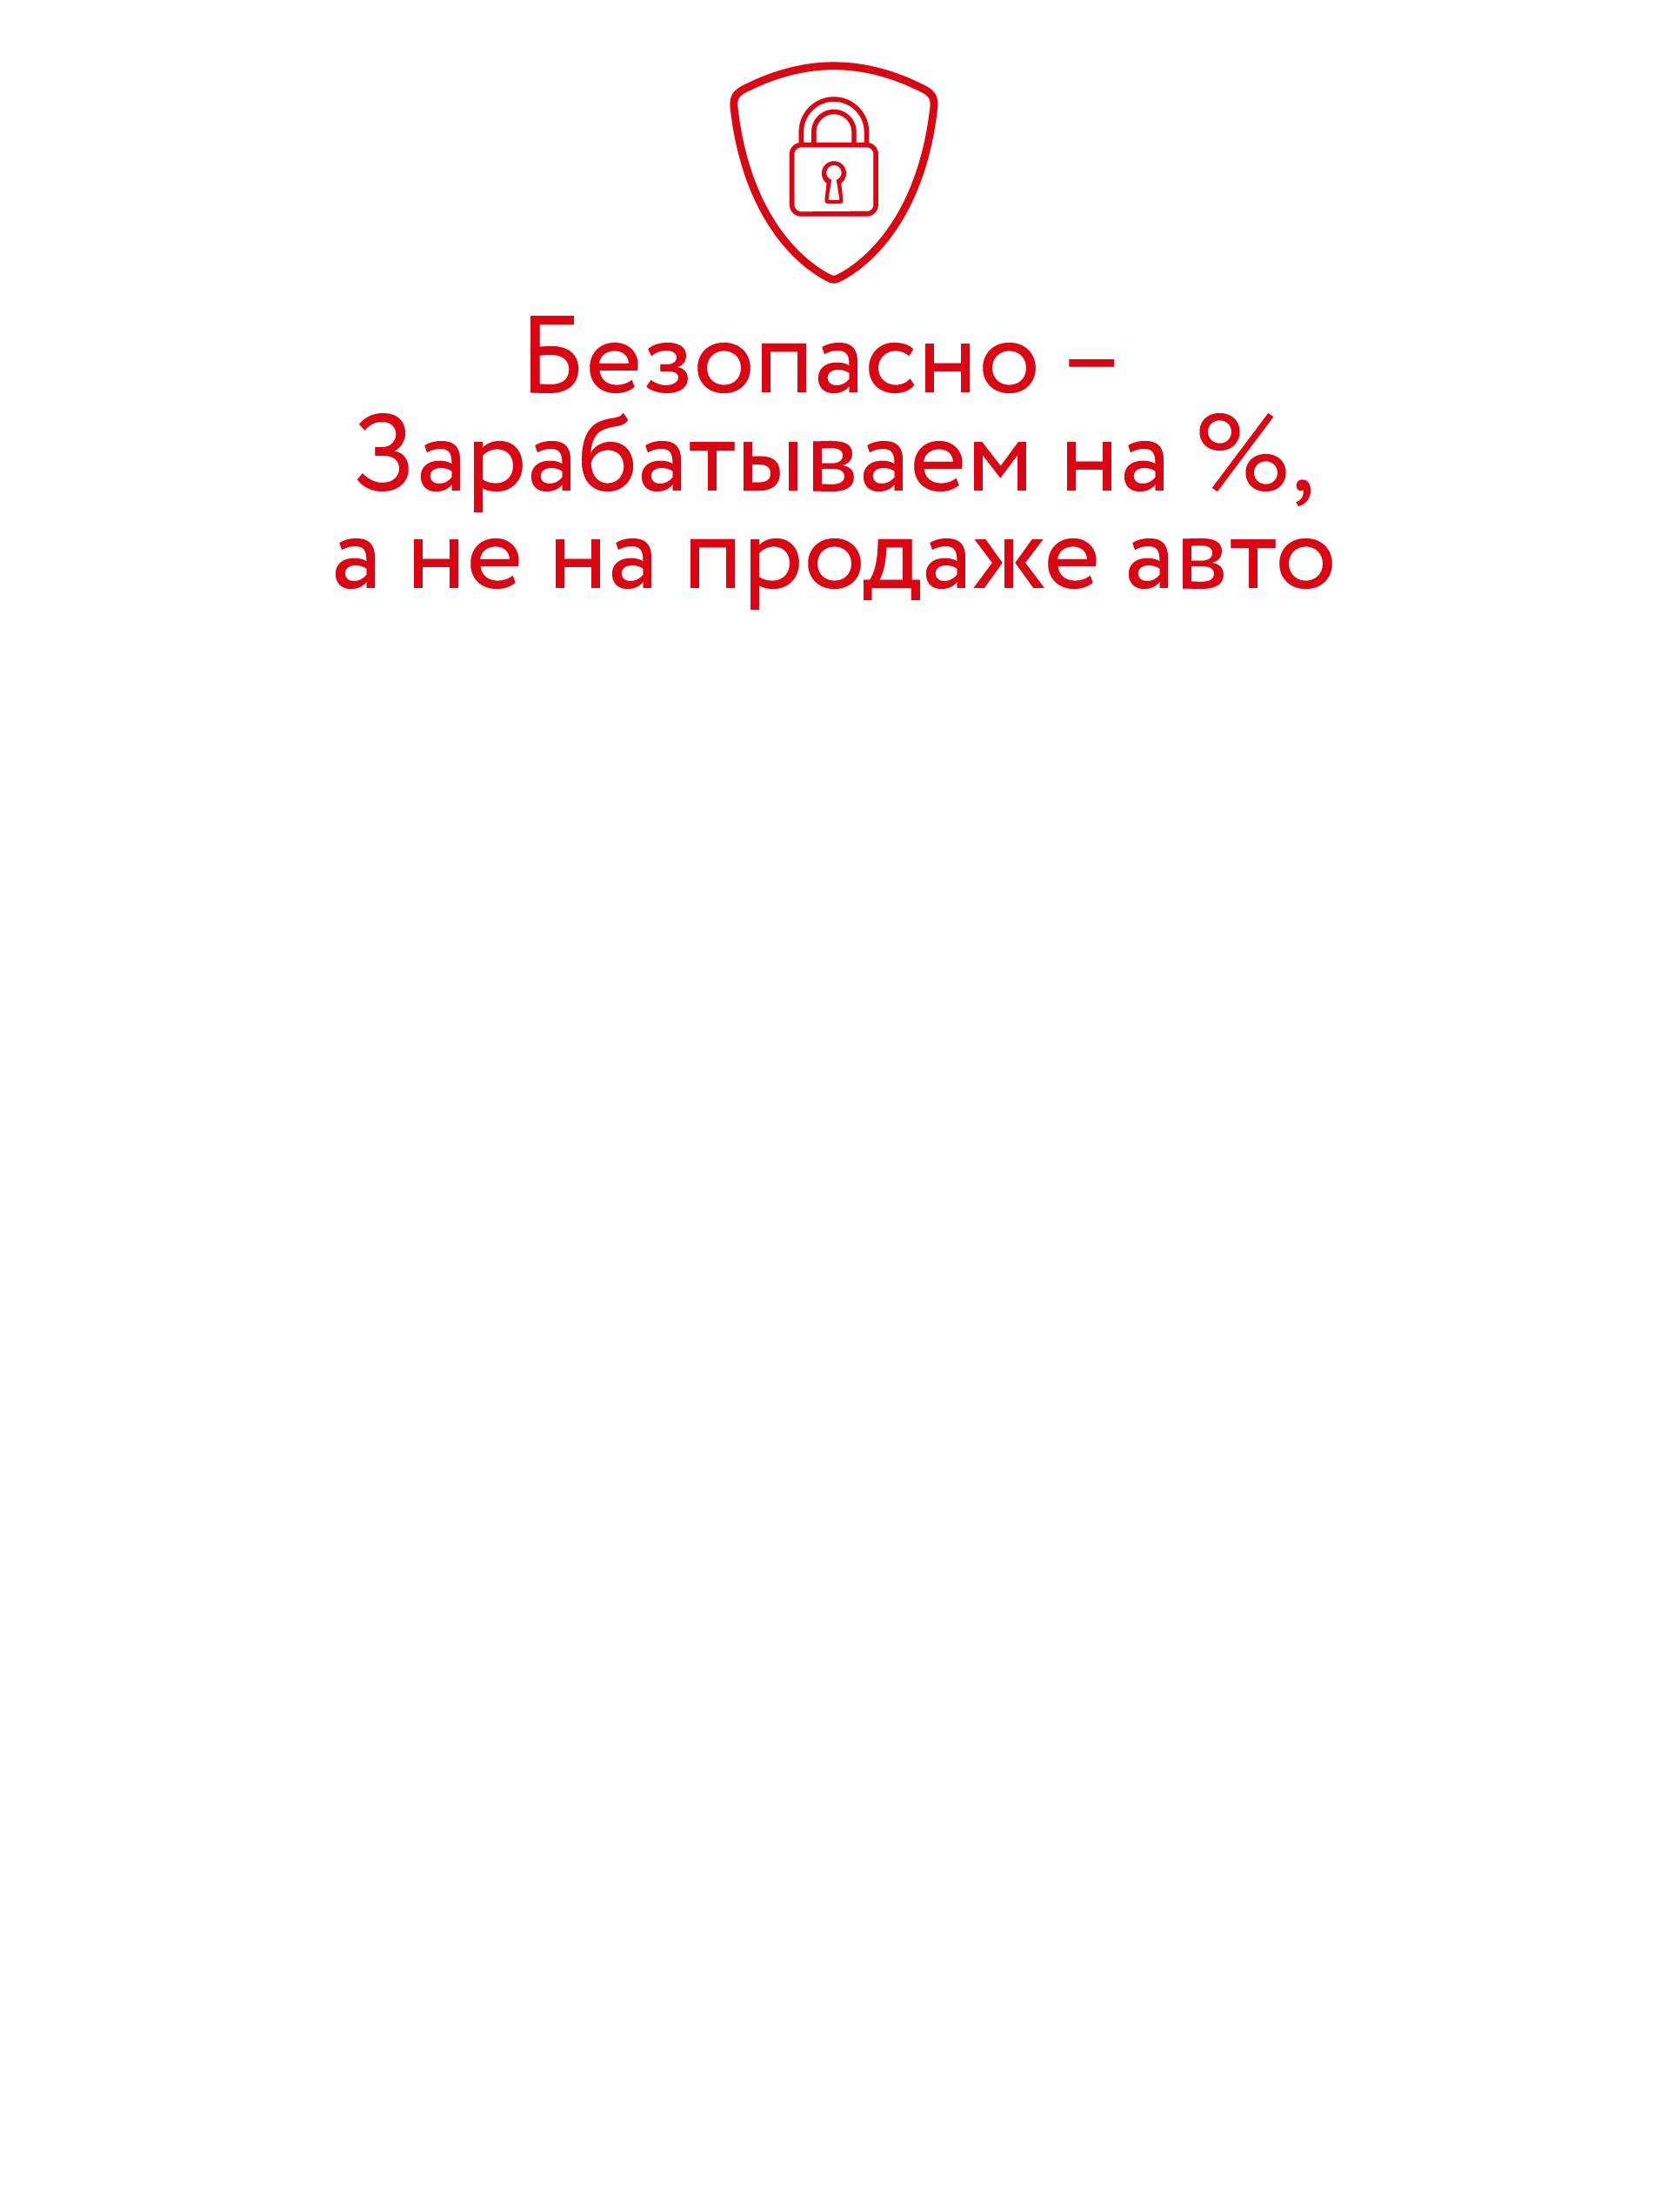 онлайн кредит в украине